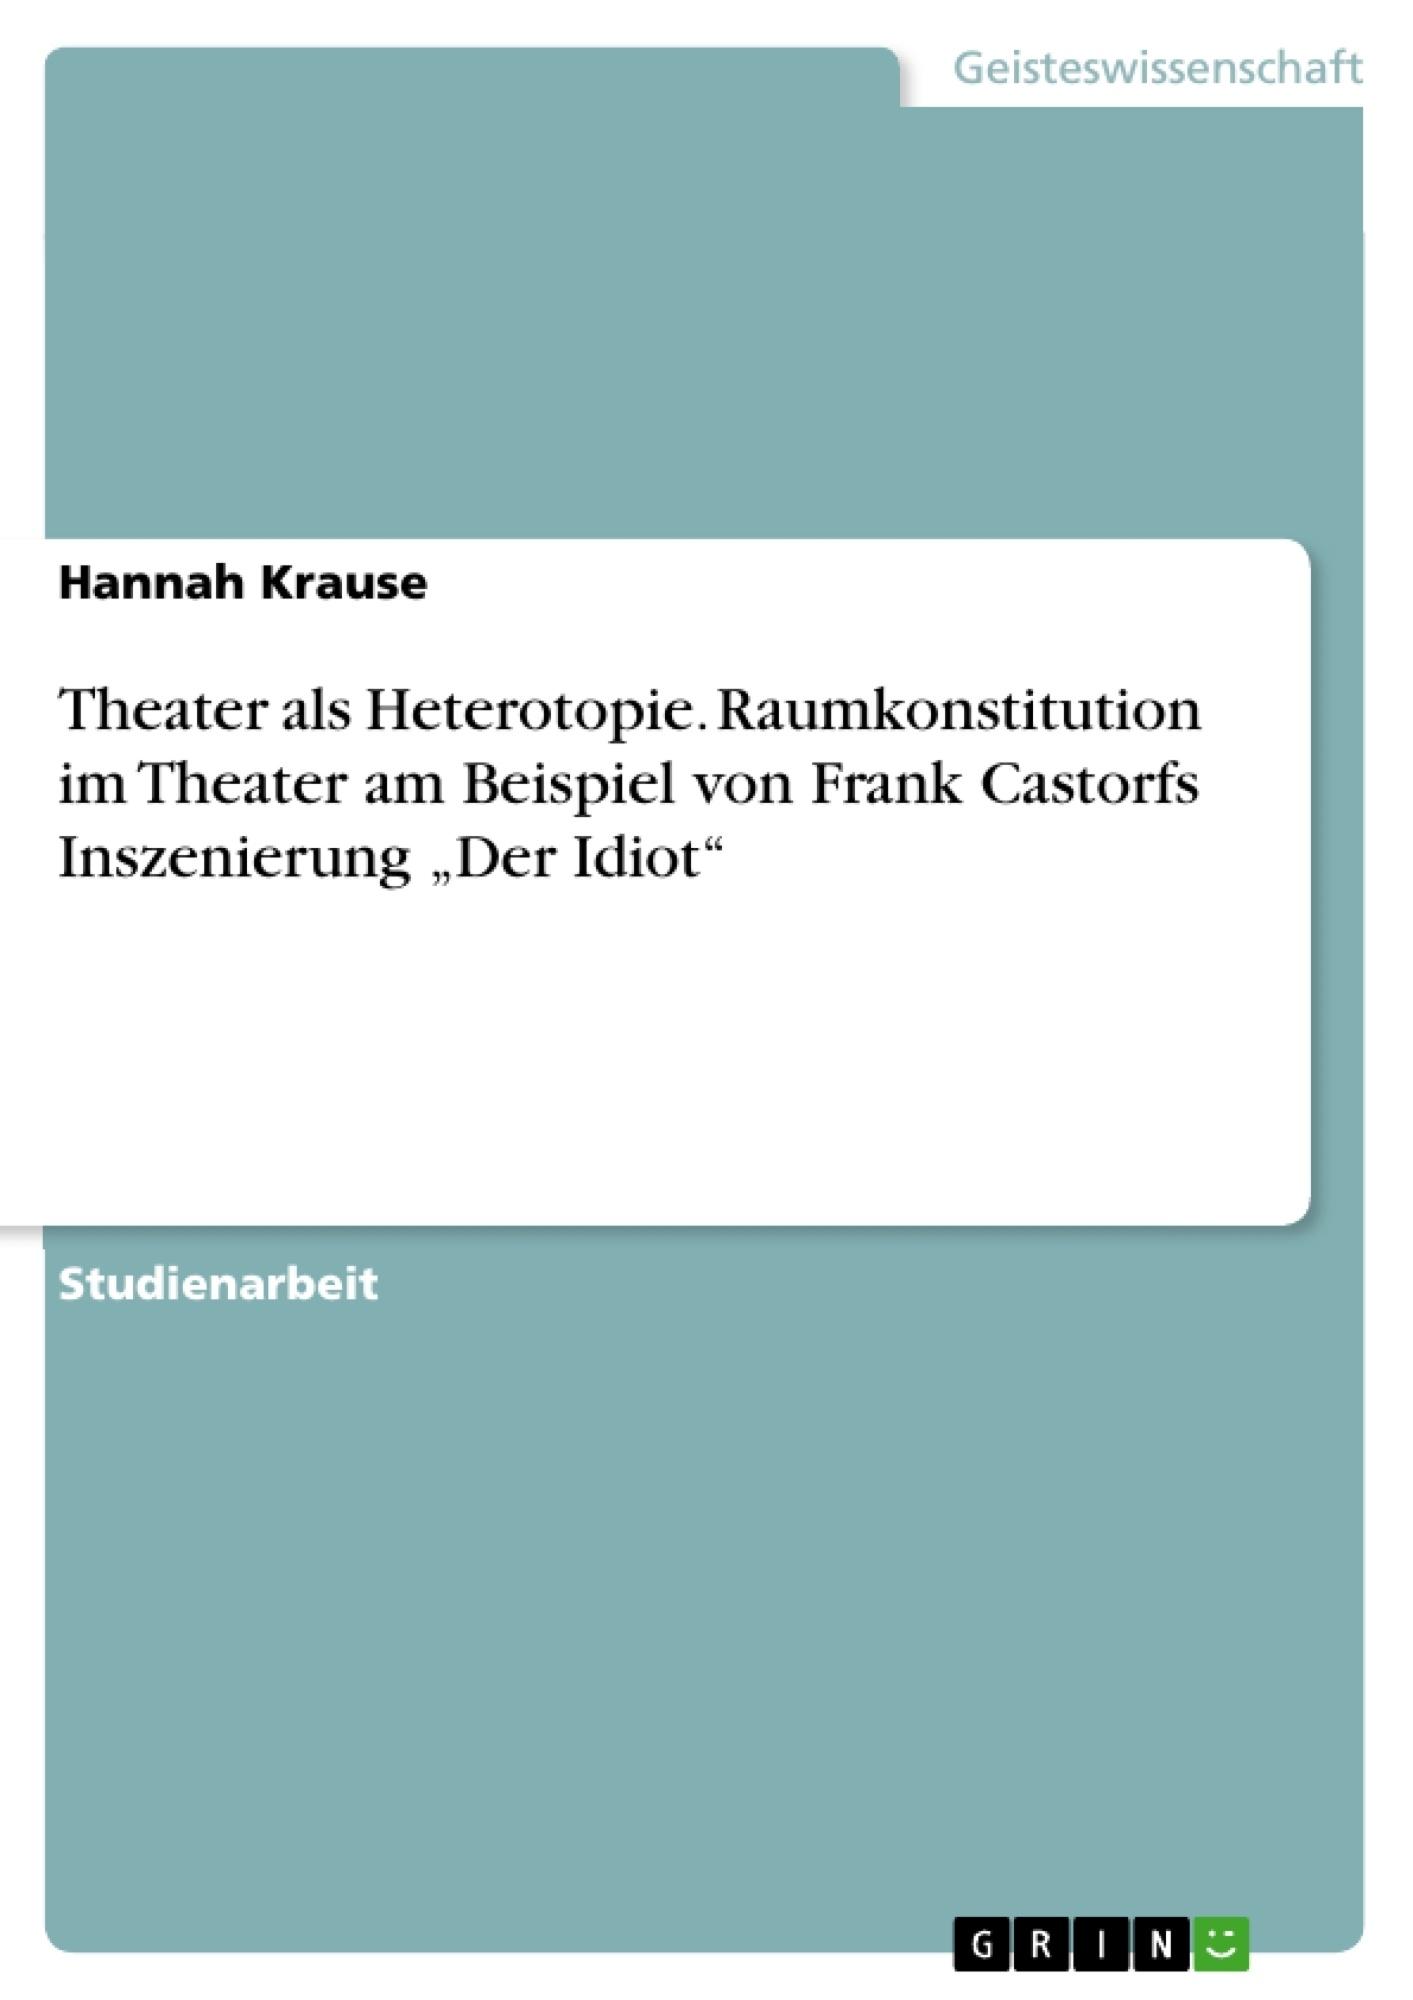 """Titel: Theater als Heterotopie. Raumkonstitution im Theater am Beispiel von Frank Castorfs Inszenierung """"Der Idiot"""""""